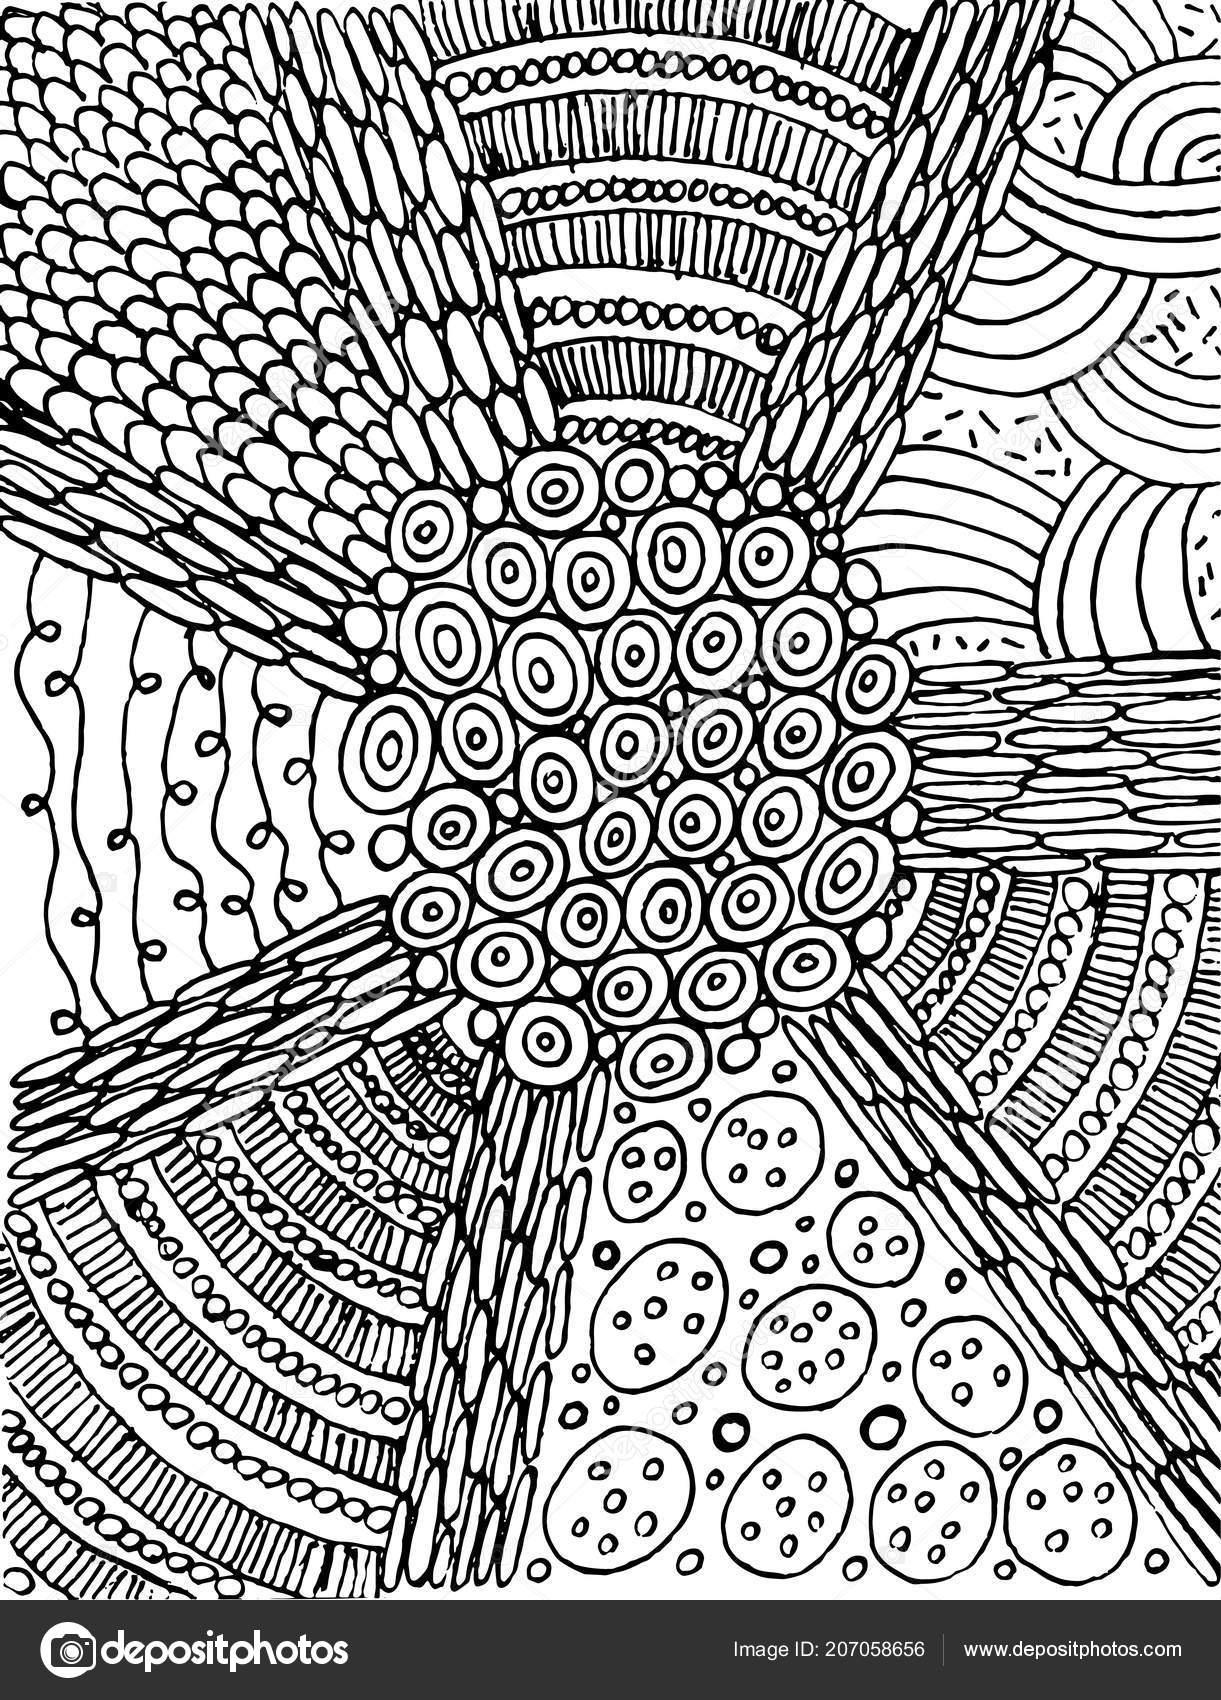 Einfach Doodle Mandala Mit Strahlen Hintergrund Grafik Malvorlagen